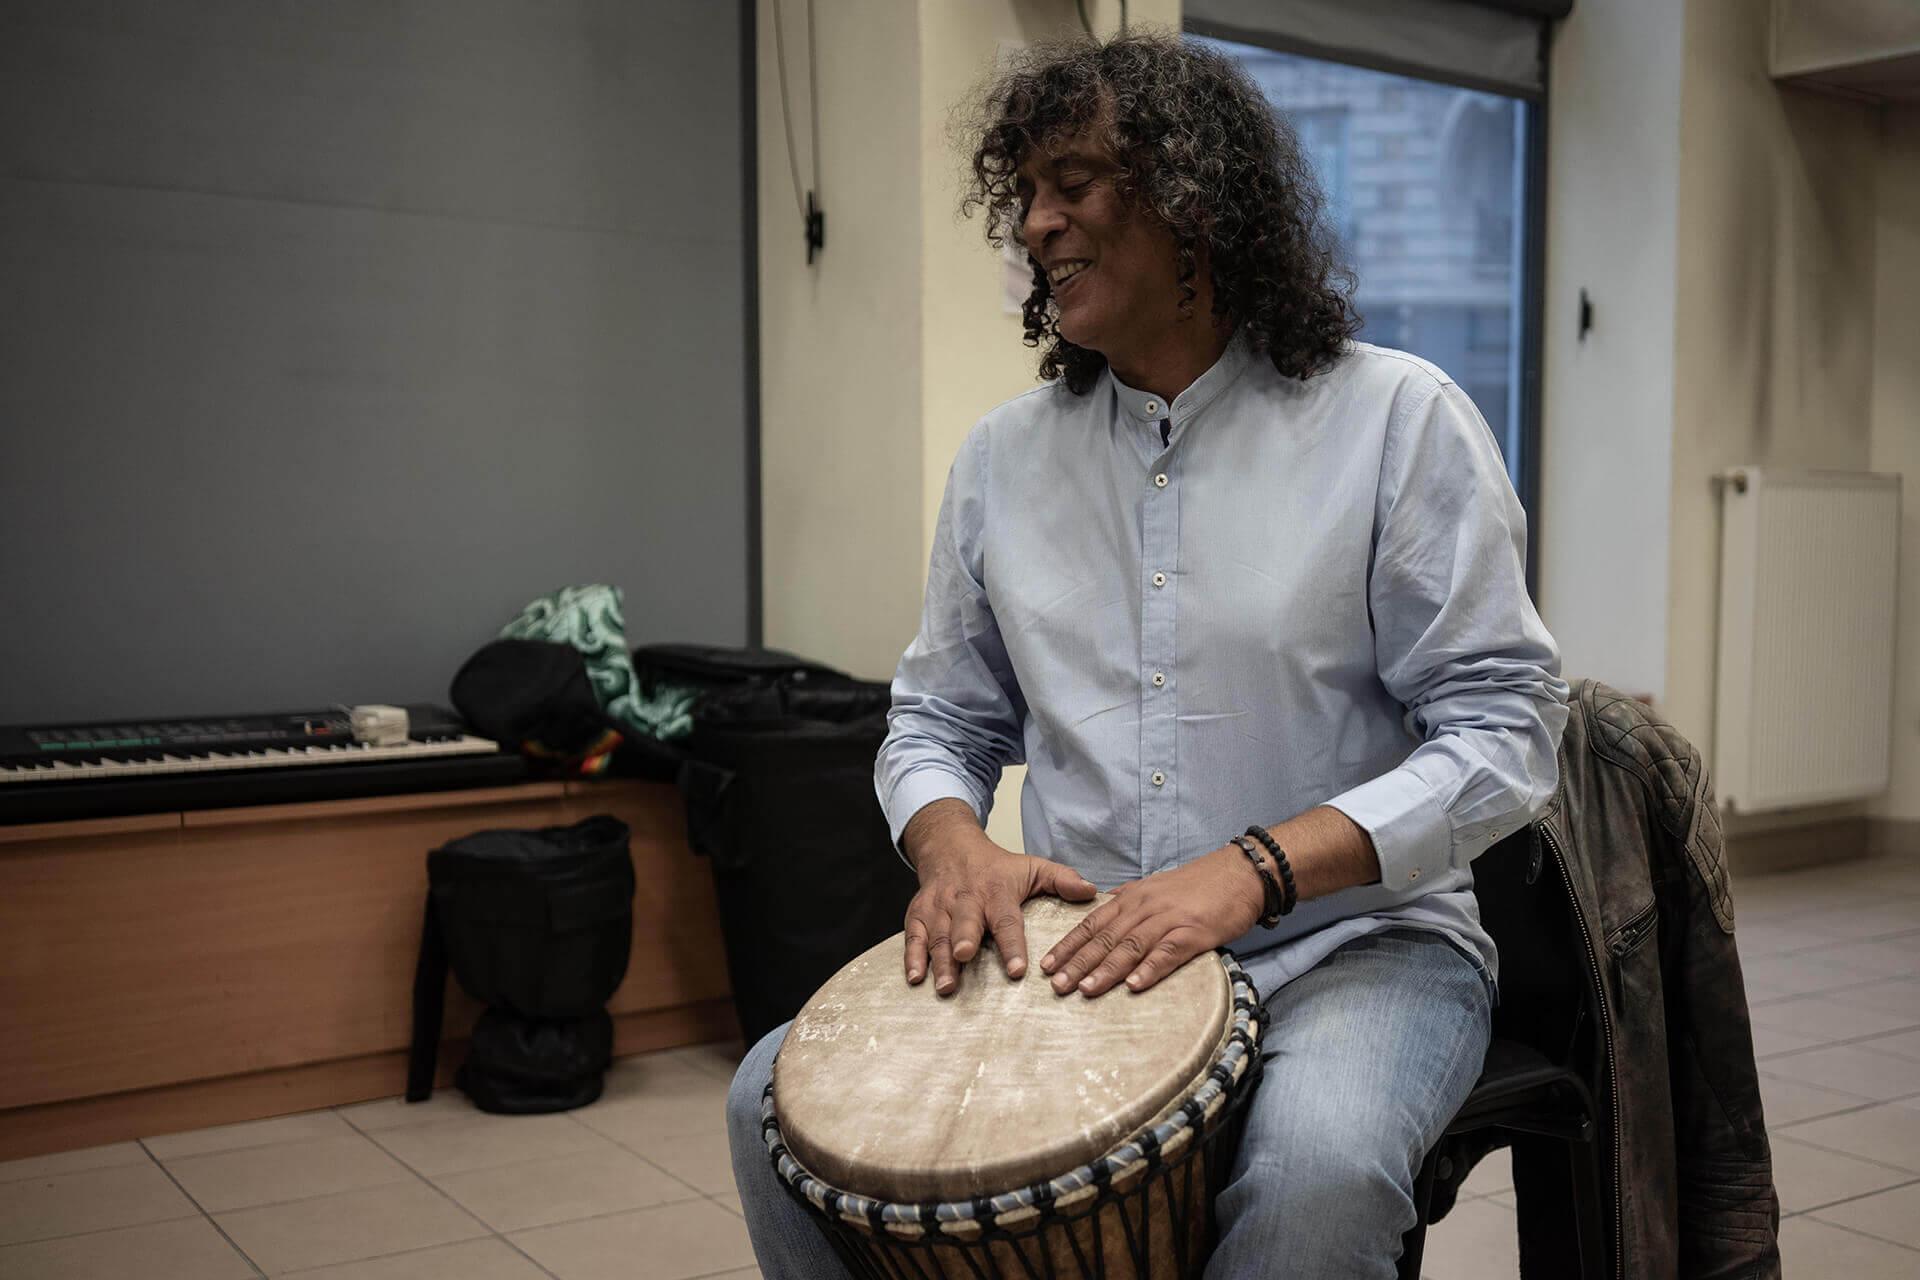 Khaled, professeur de djembé non-voyant, est assis sur une chaise en train de jouer de son instrument. Il sourit, la tête légèrement inclinée vers sa droite. Derrière lui, un piano électrique repose dans un coin de la salle.